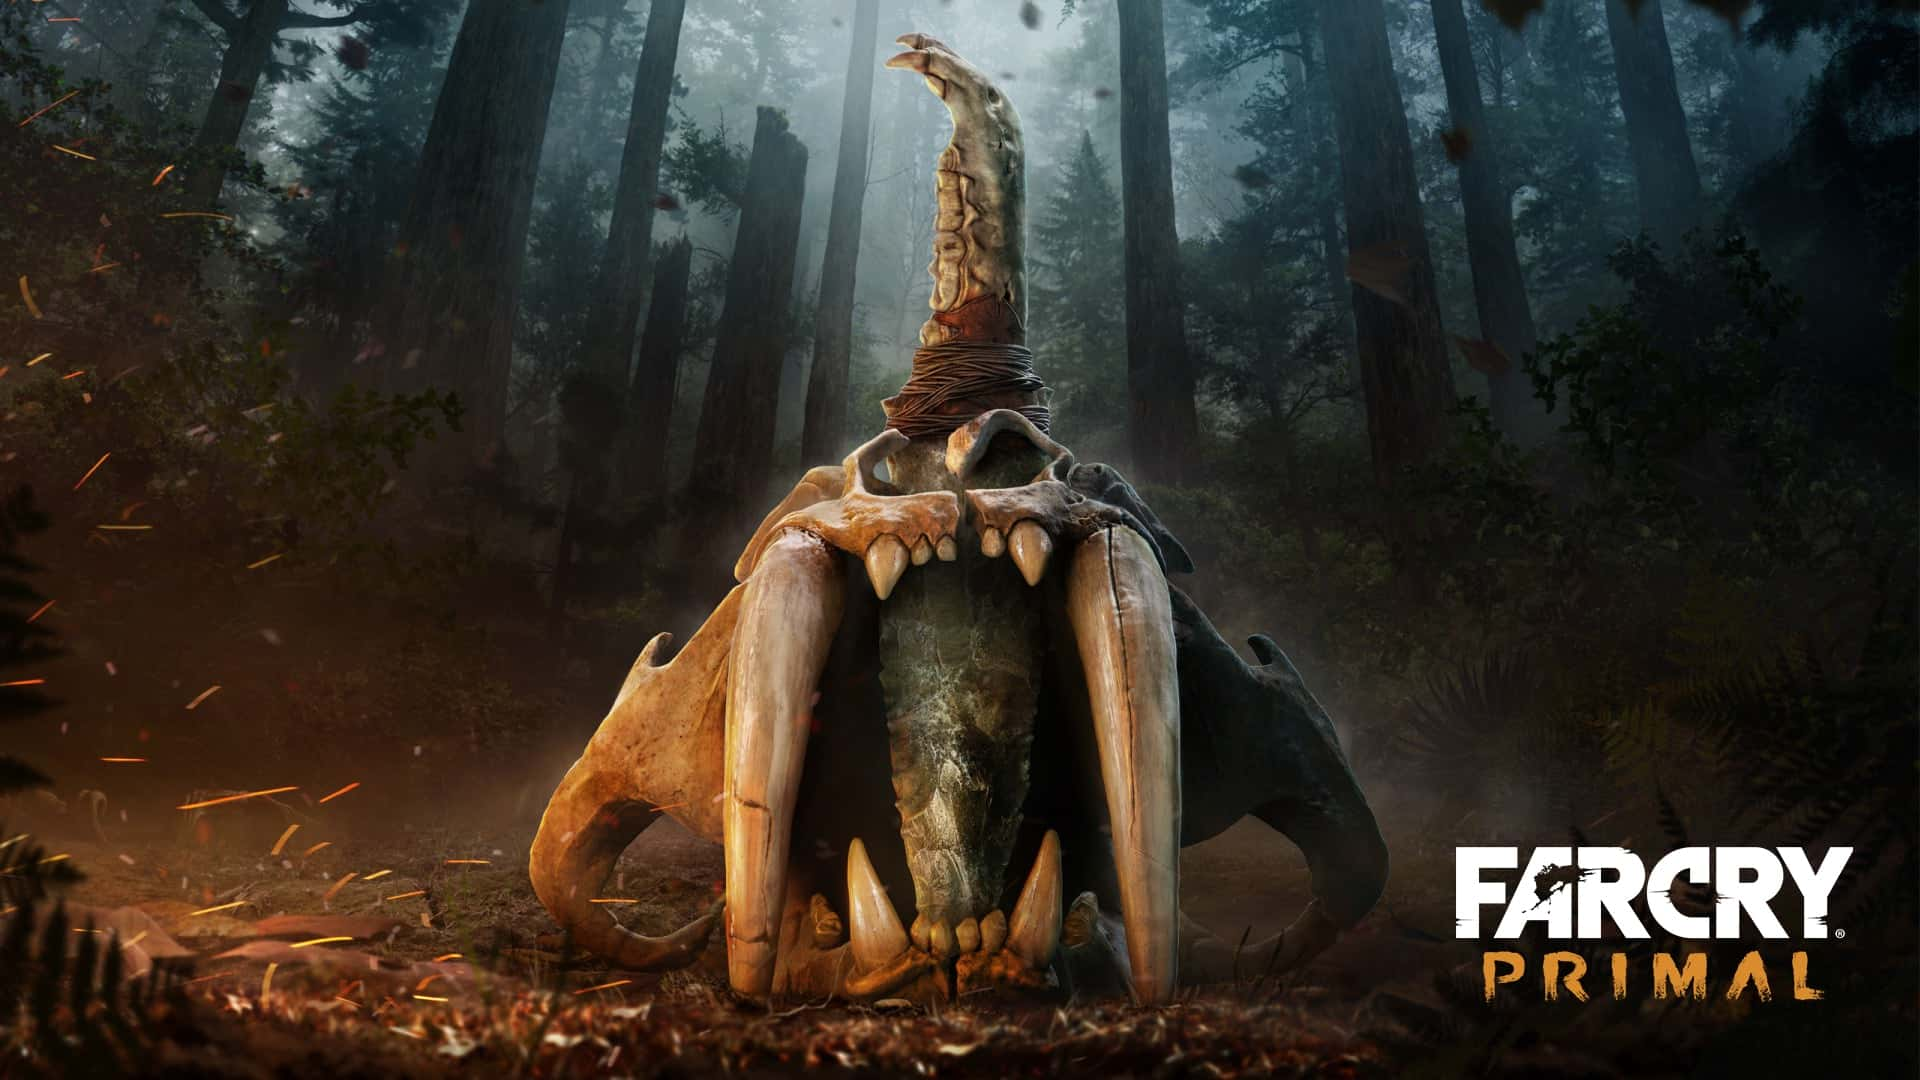 Best Far Cry Games - Far Cry Primal